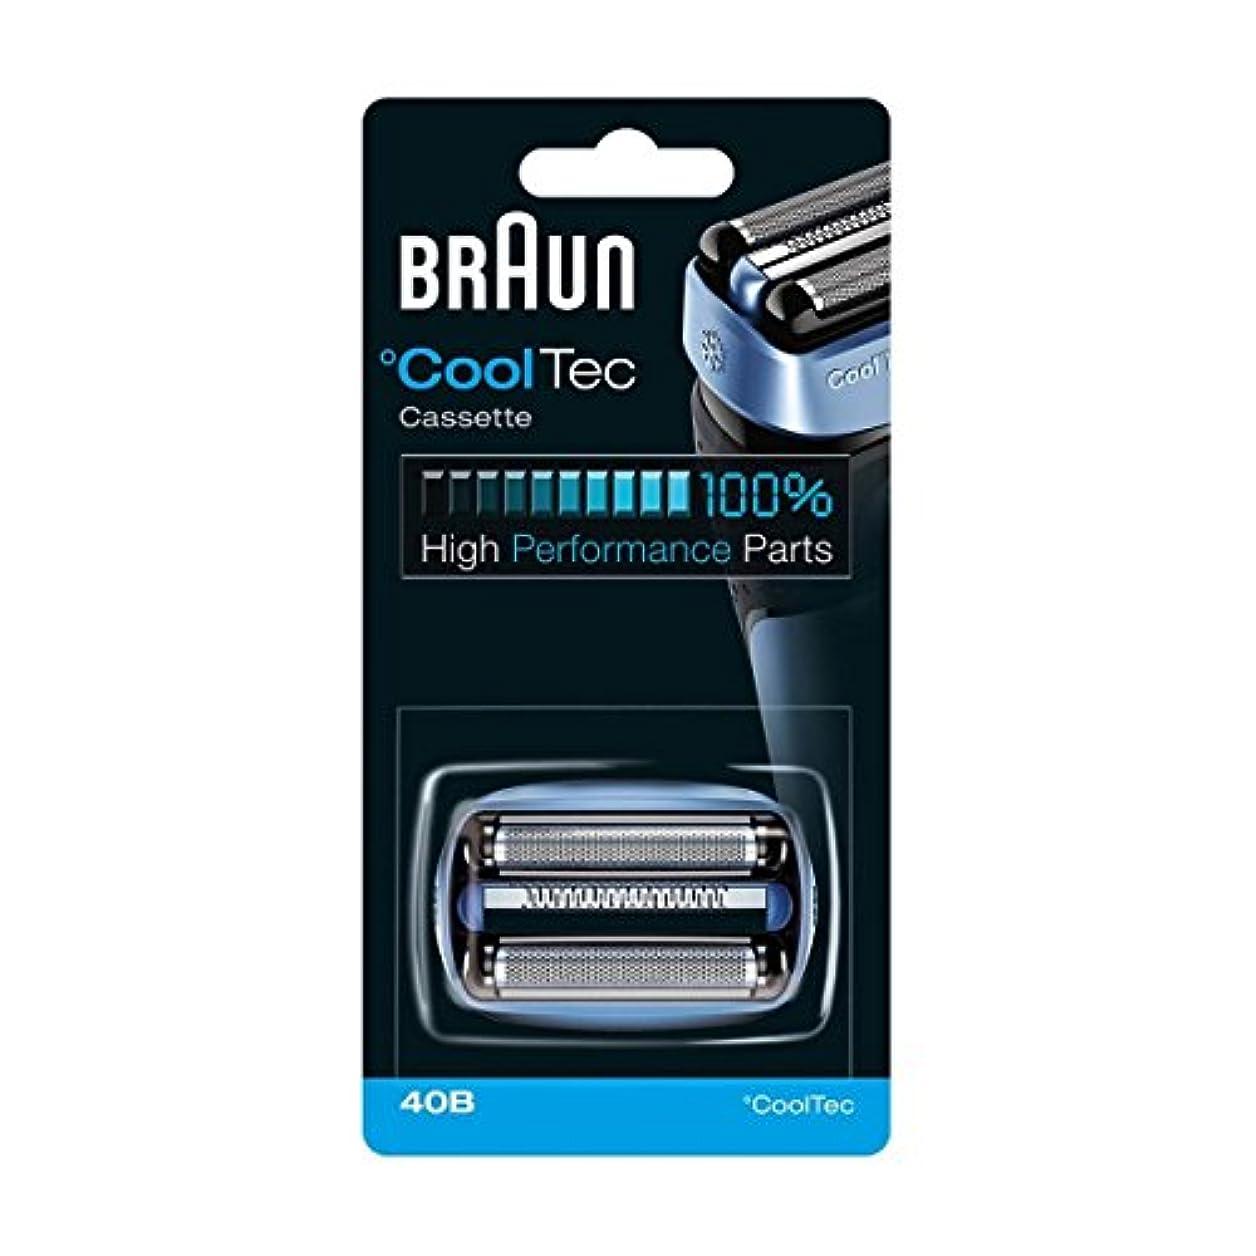 のれん愛情深いマーガレットミッチェル【並行輸入品】BRAUN 40B Foil and Cutter Replacement Cartridge for CoolTec shavers series